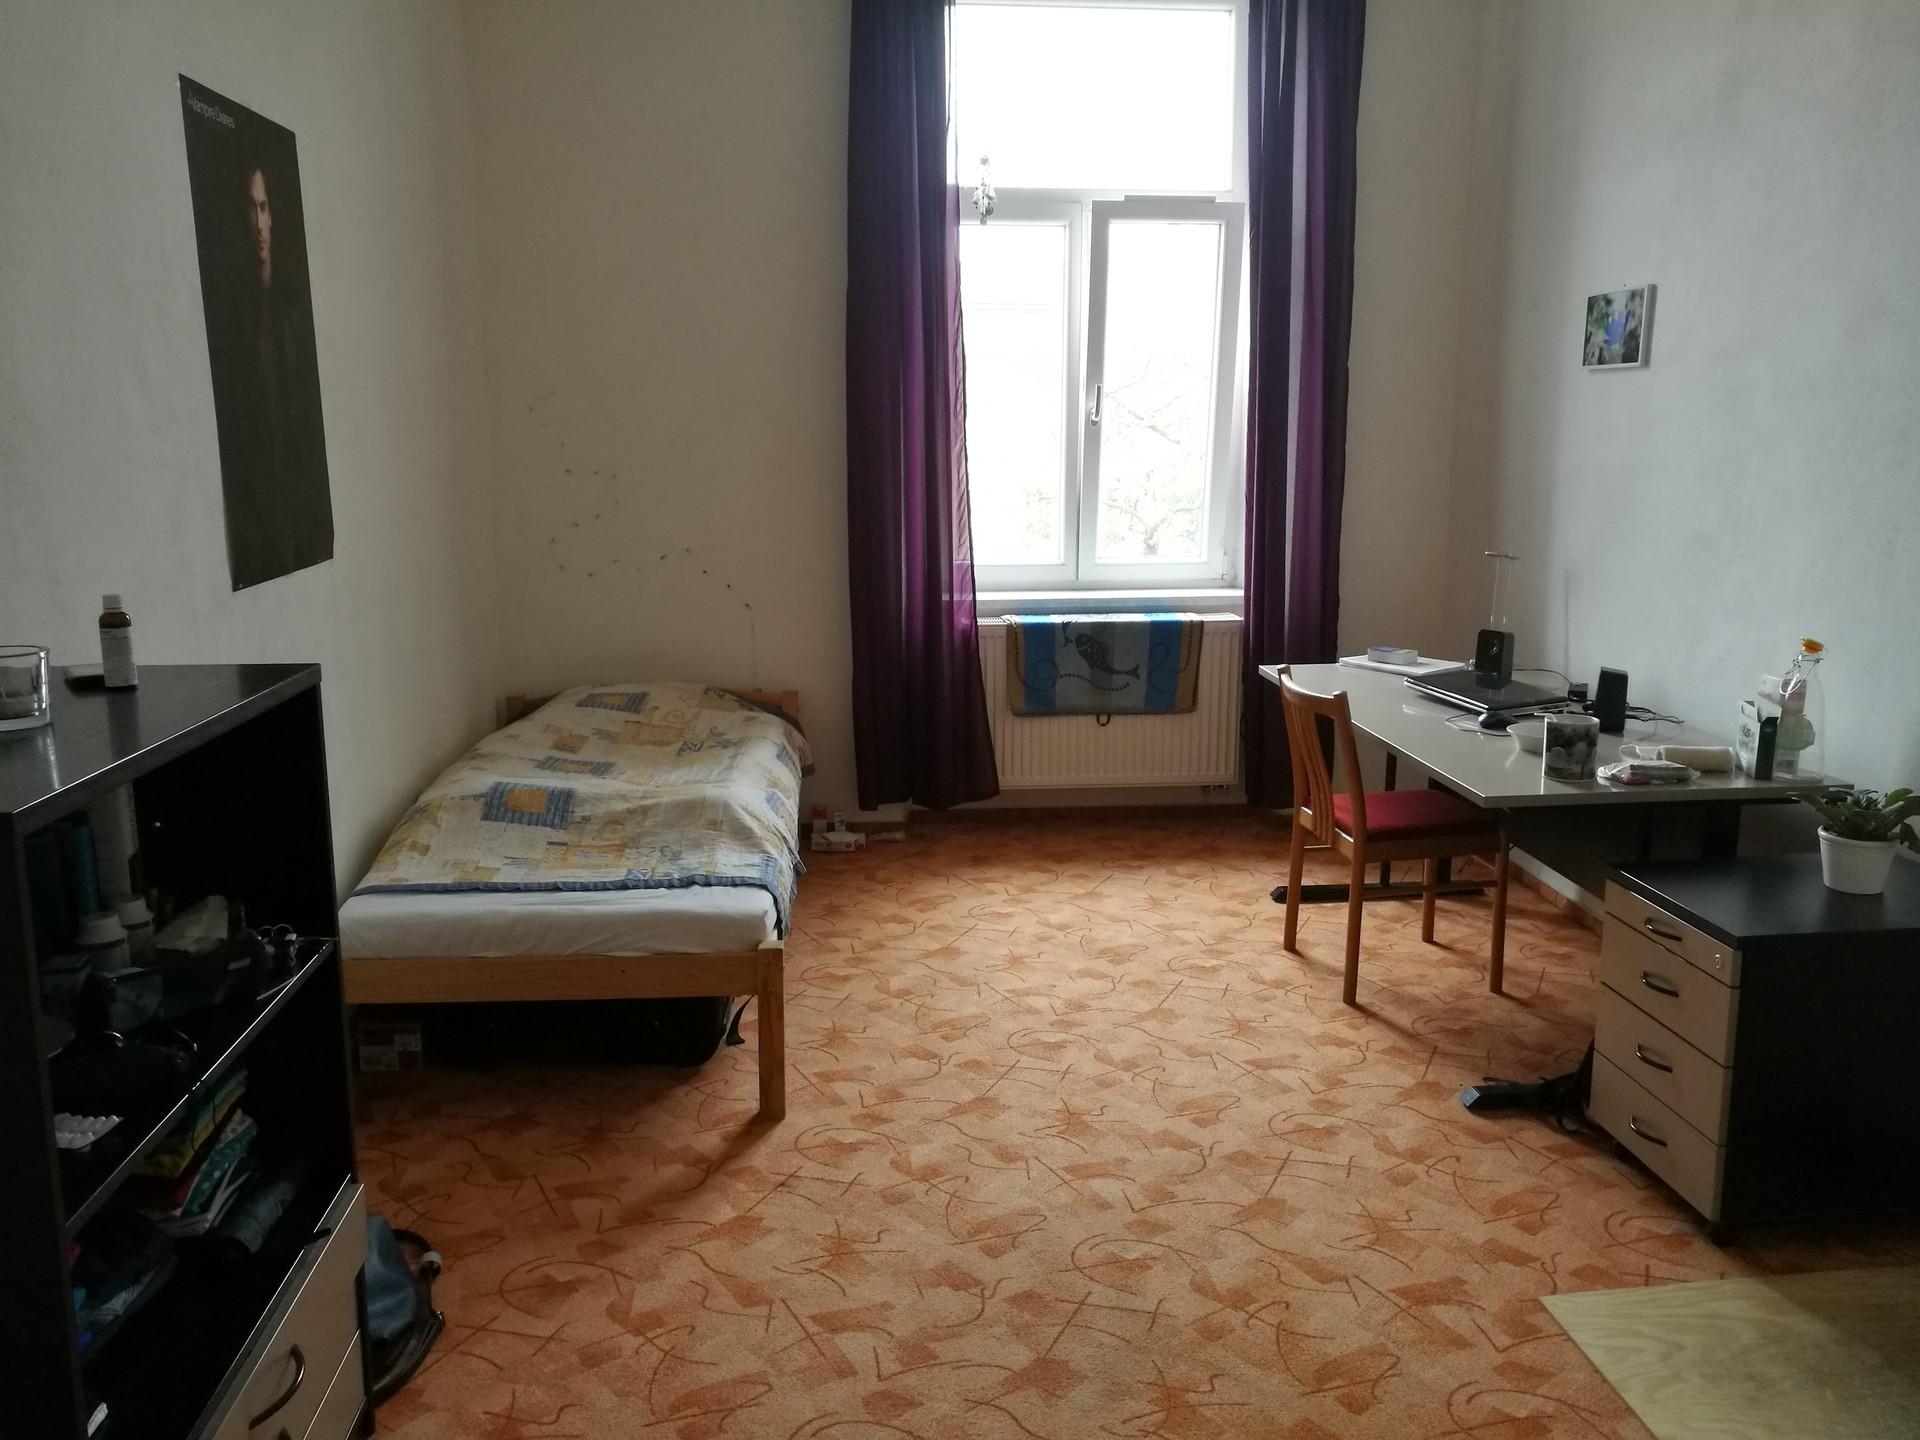 offering-large-single-room-near-city-centre-43ff7dc561e3d552ff981596c4ea6cc3